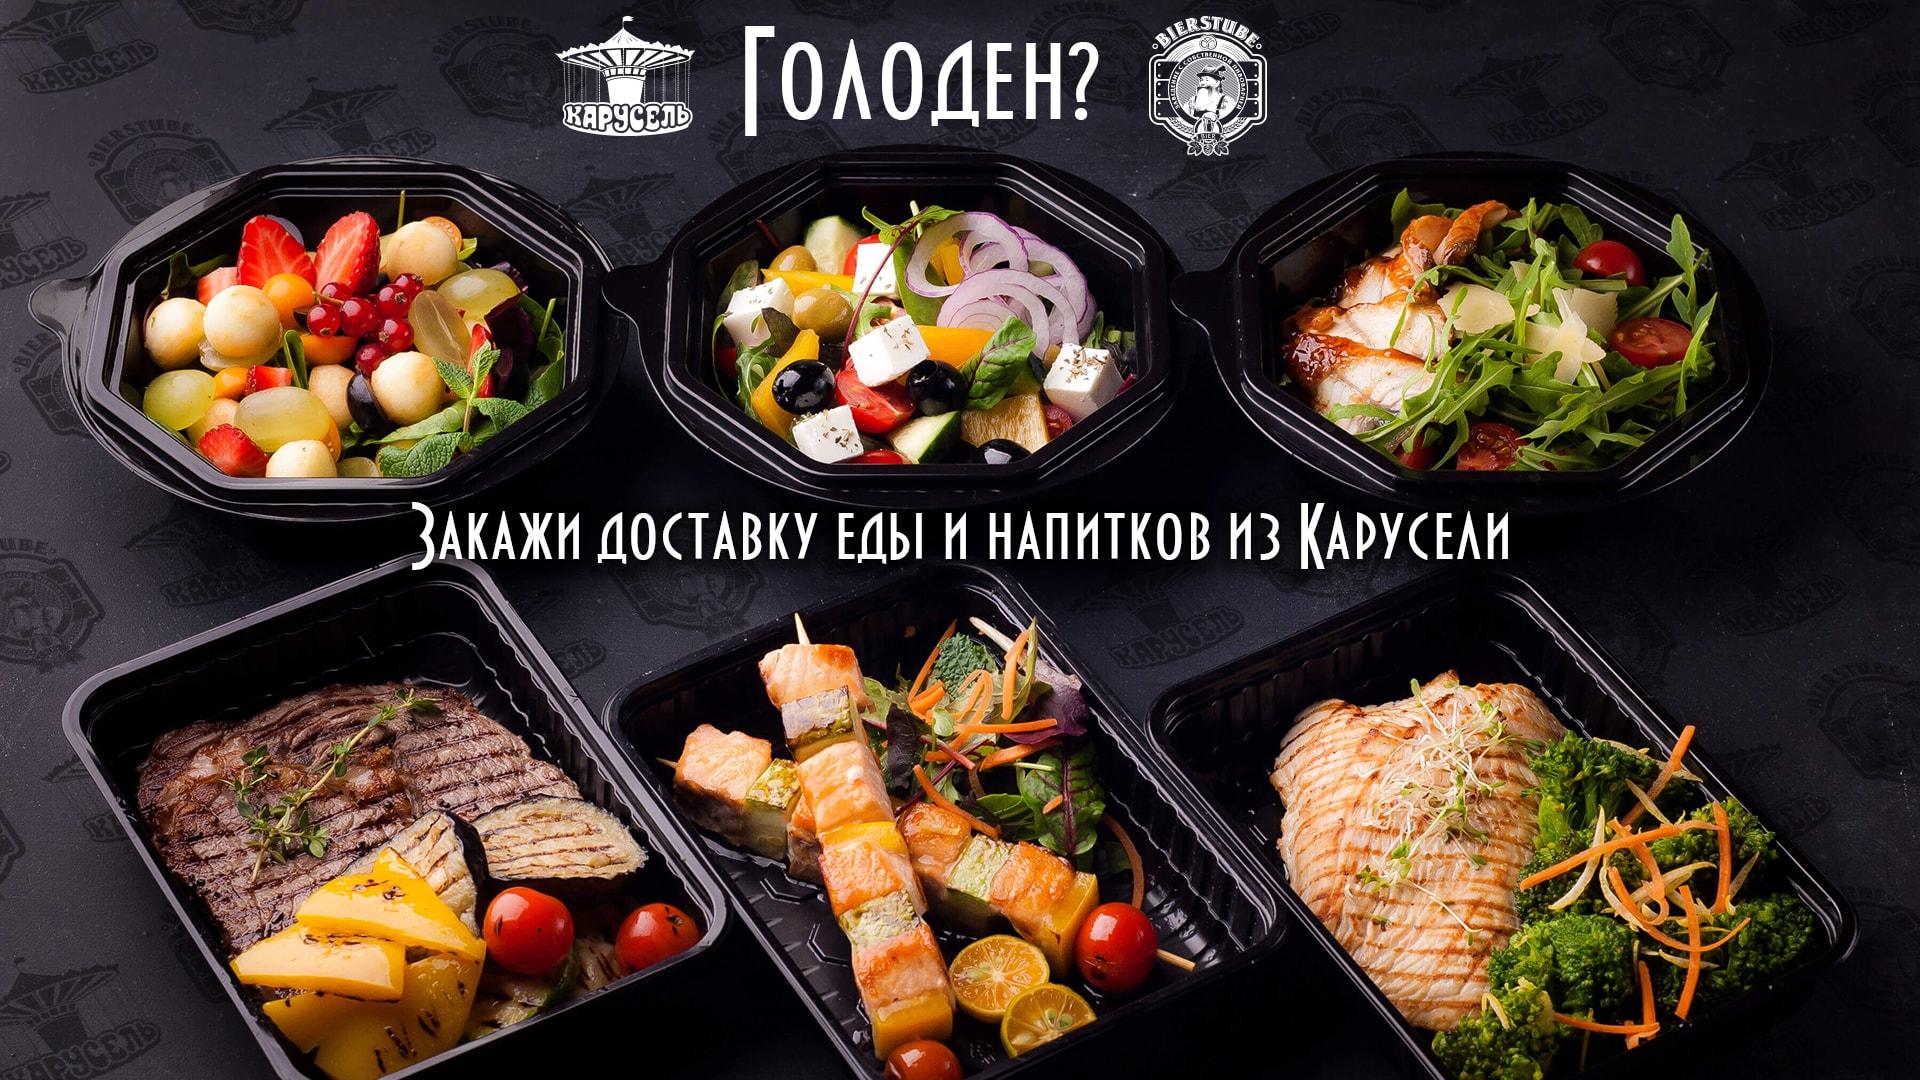 доставка еды днепр